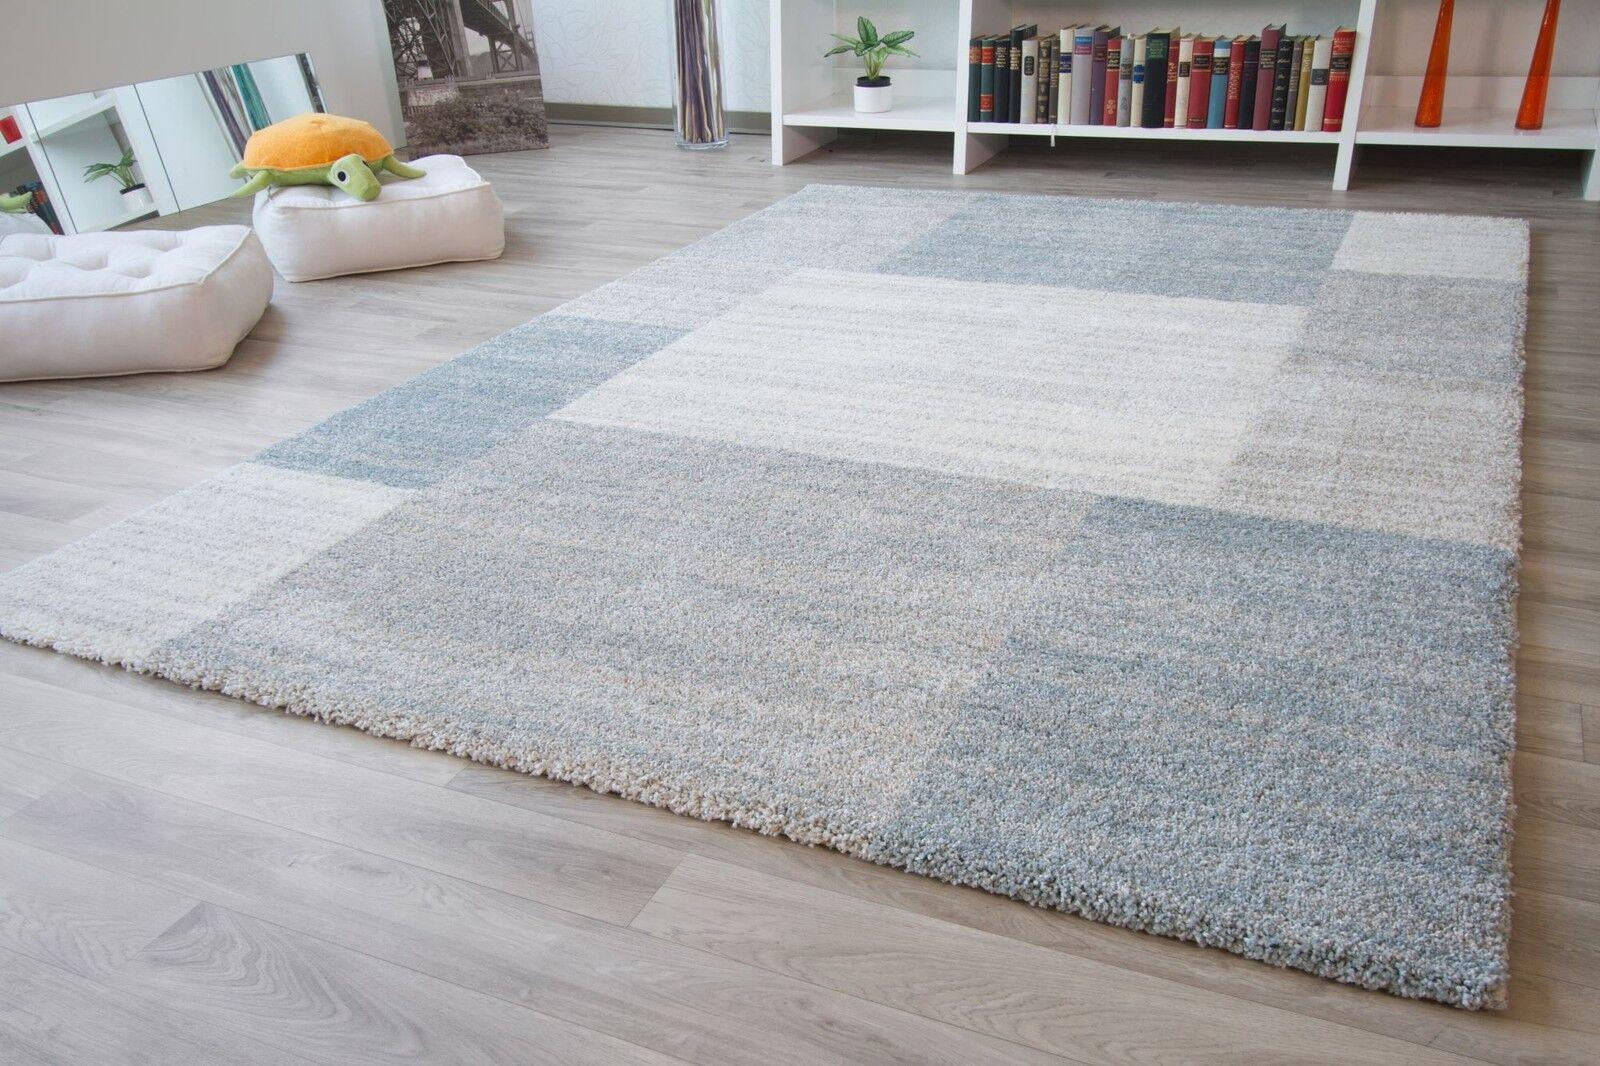 Designer Teppich Modern Nancy Felder Uni Uni Uni Beige Creme Silber Hellblau Grau Neu 0b8877